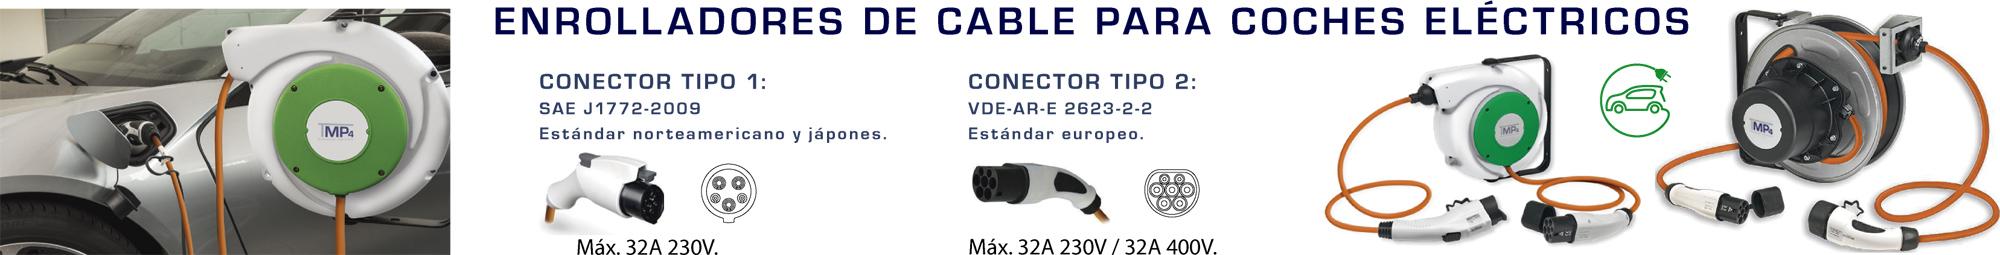 Enrolladores de cable